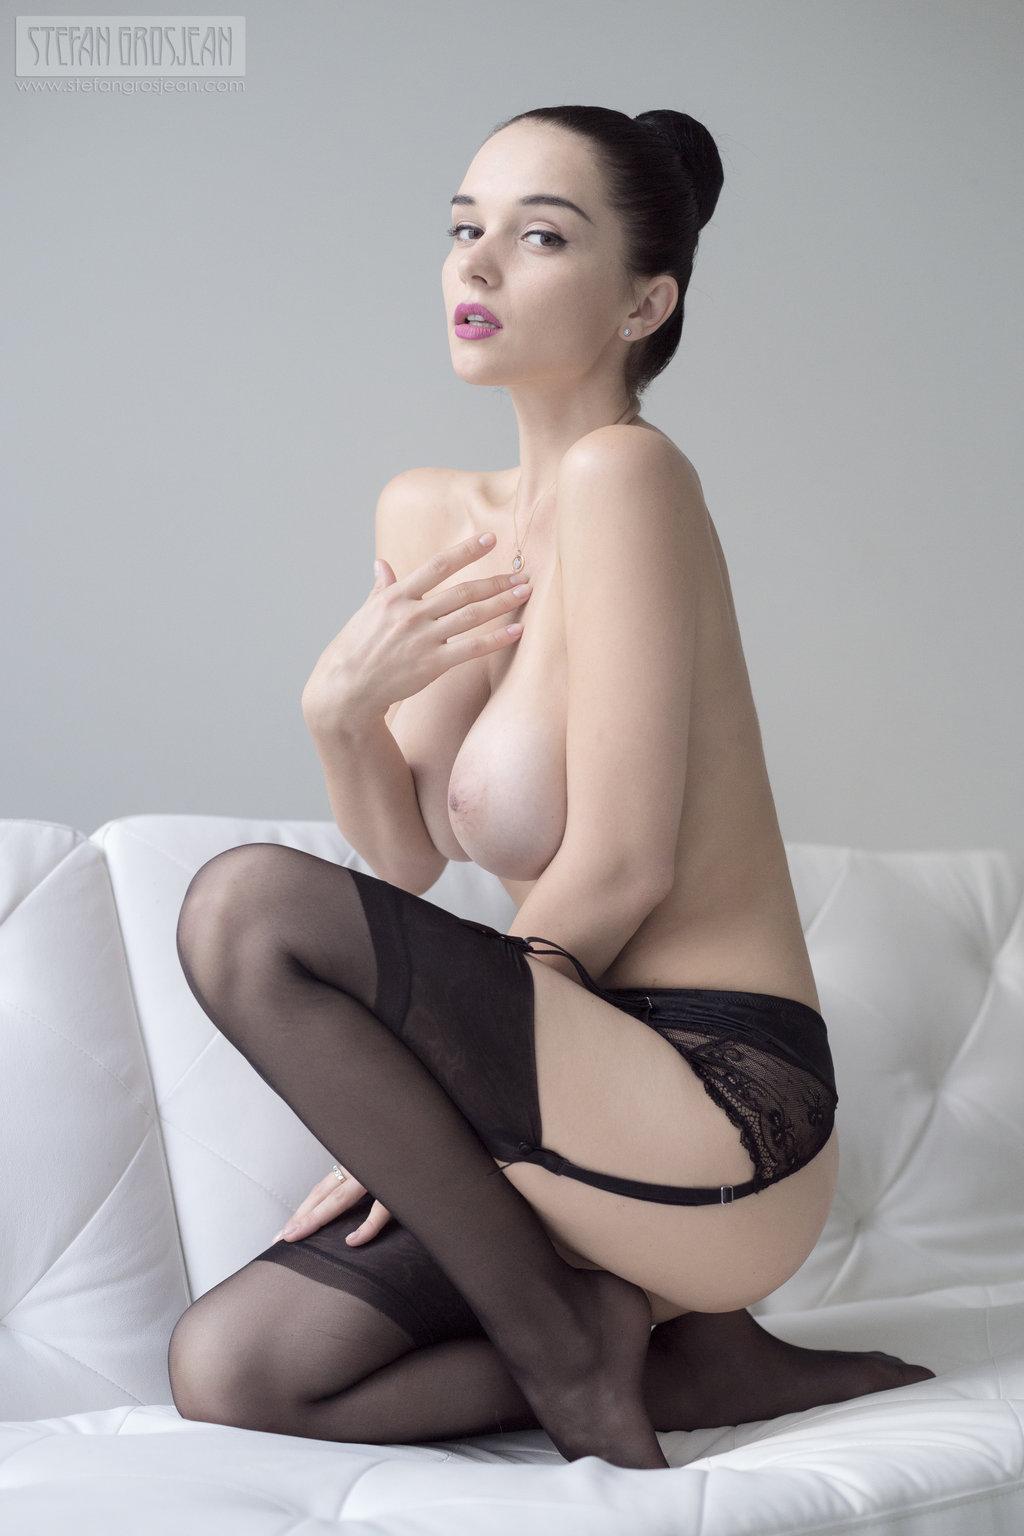 grosjean Eugenia nude stefan